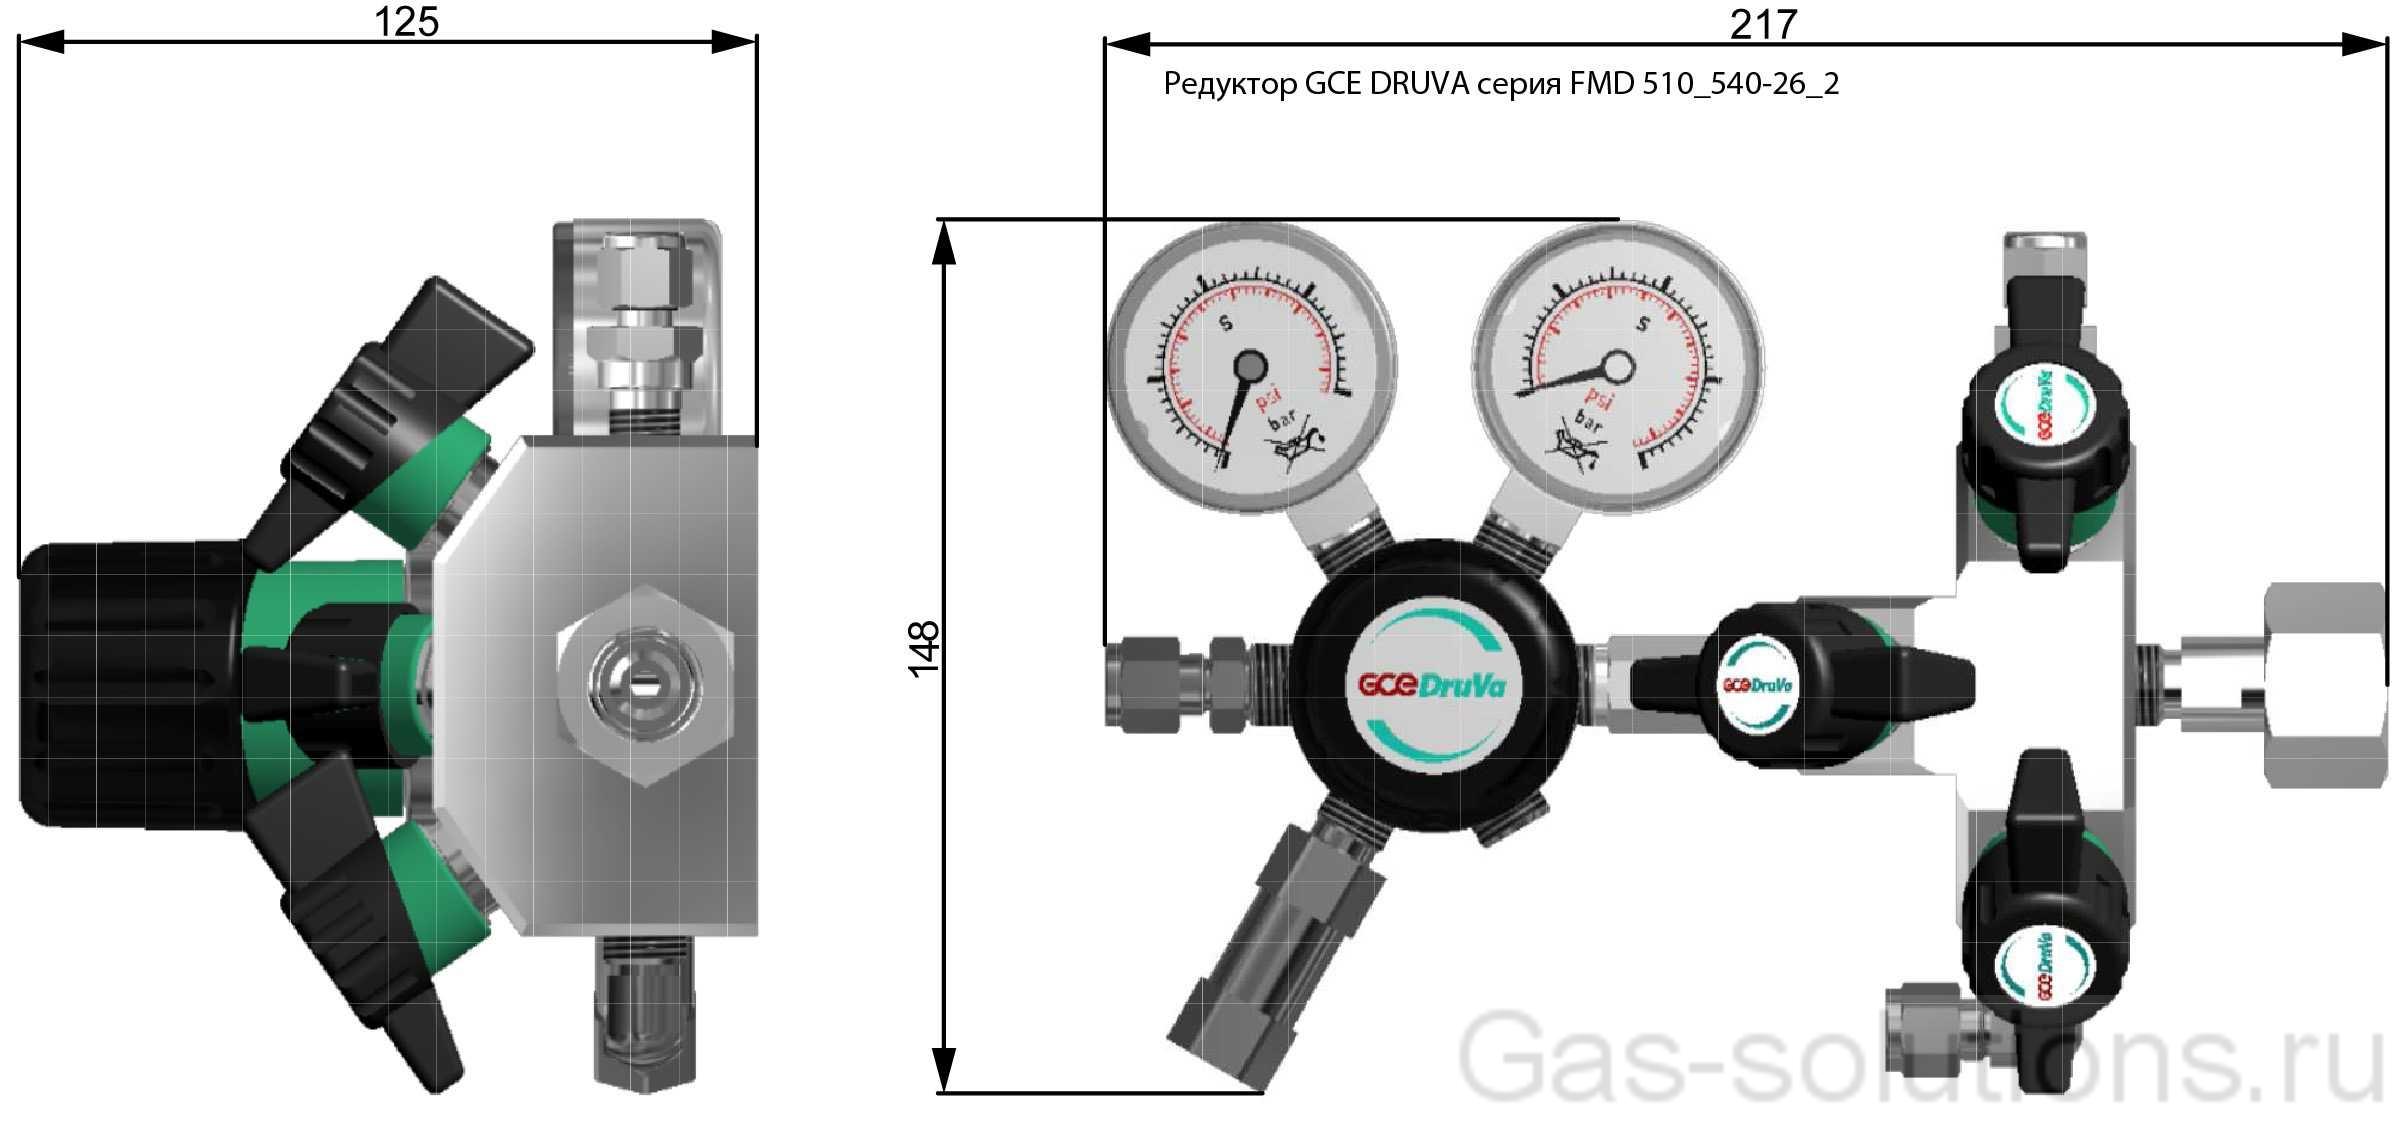 Редуктор GCE DRUVA серия FMD 510_540-26_2